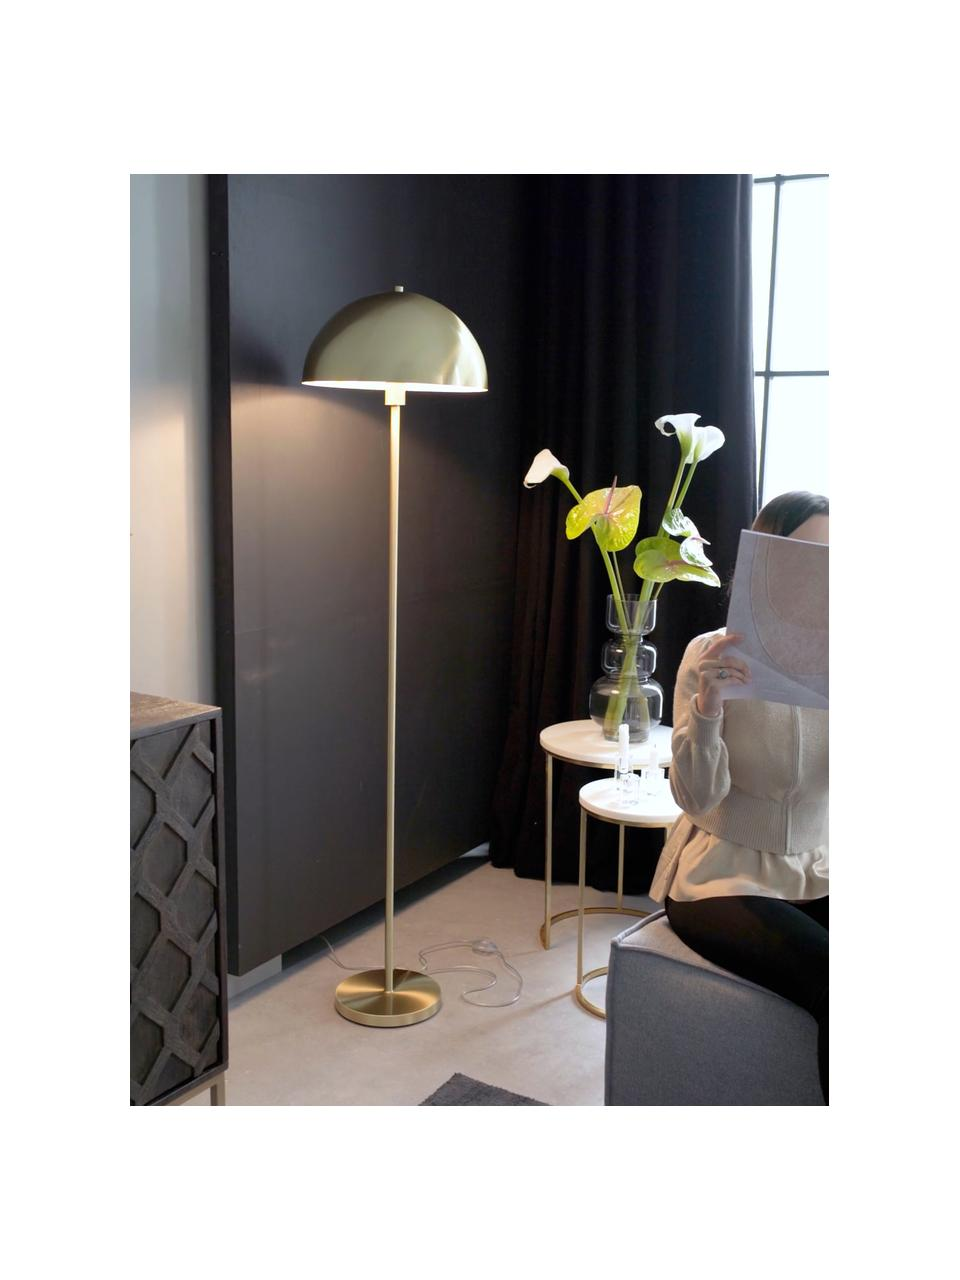 Vloerlamp Matilda, goudkleurig, Lampenkap: geborsteld metaal, Lampvoet: vermessingd metaal, Messingkleurig, Ø 40 x H 164 cm